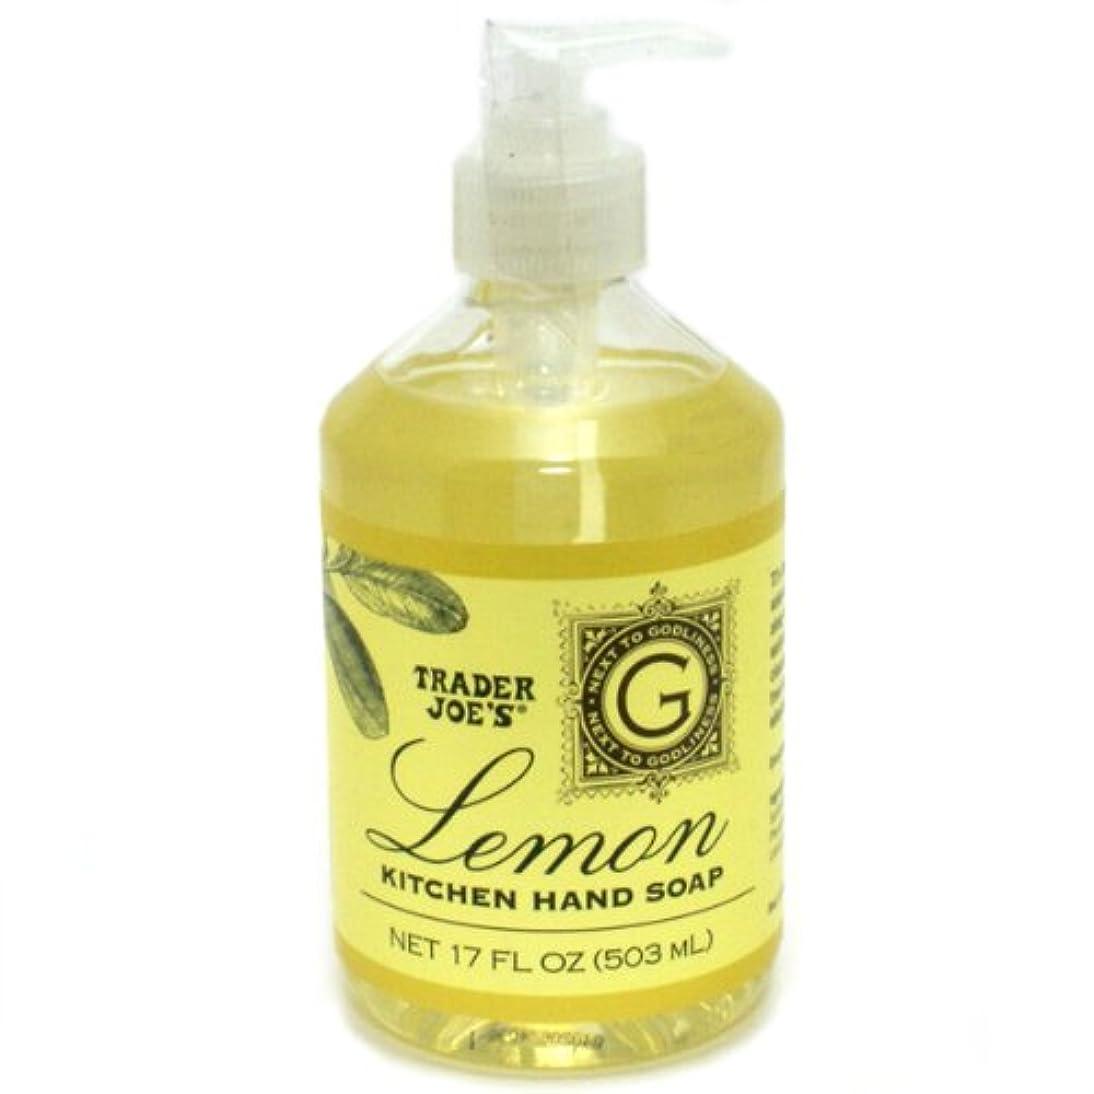 困った国勢調査コンチネンタルTrader Joe's トレーダージョーズ KITCHEN HAND SOAP Lemon レモン キッチンハンドソープ [並行輸入品]